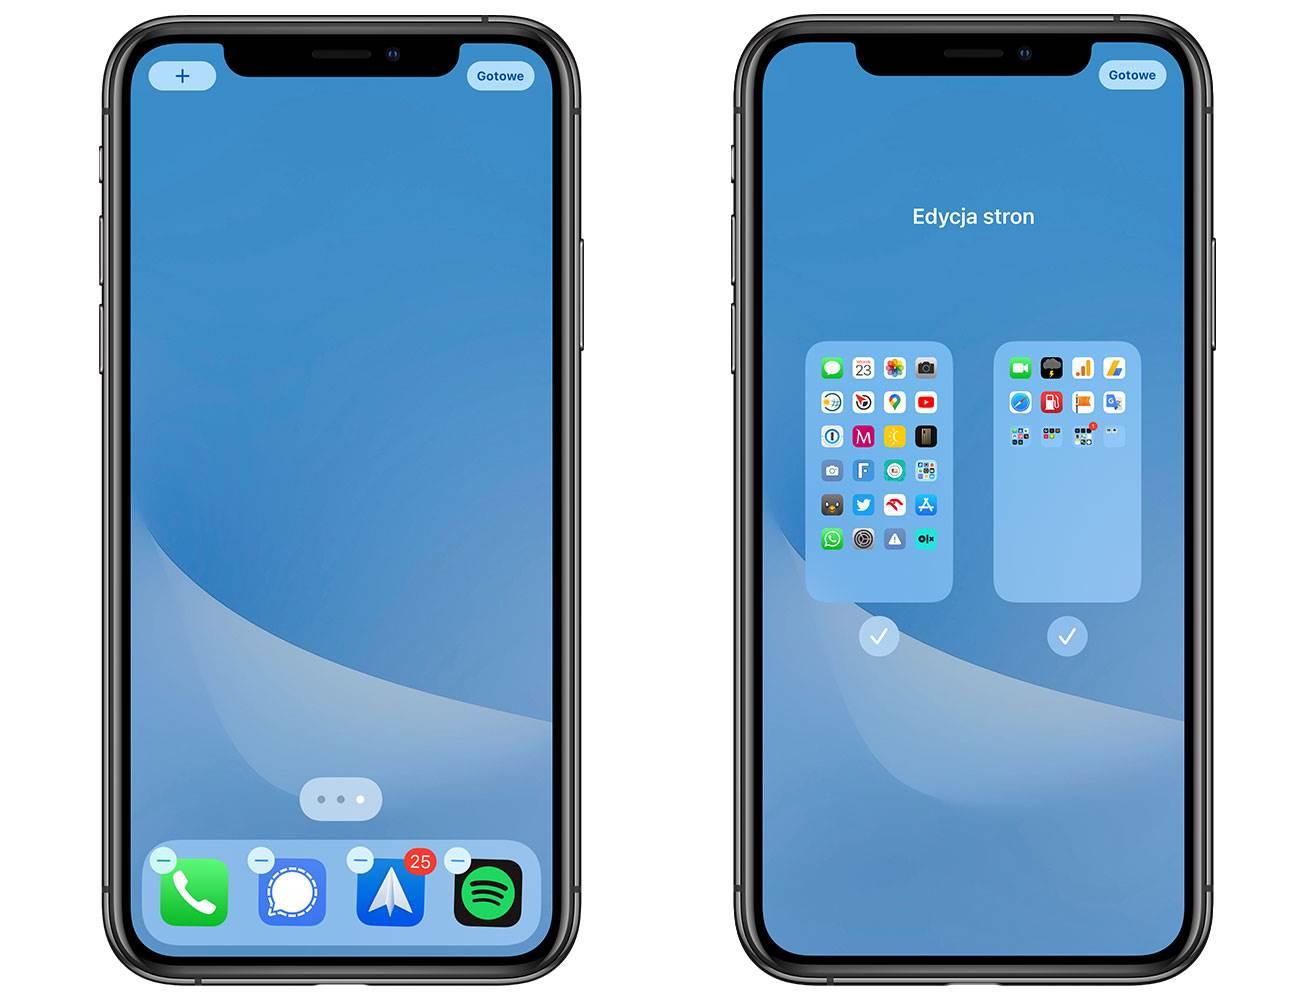 iOS 14 - polskie screeny polecane, ciekawostki zrzuty ekranu, screeny, polskie screeny z iOS 14 beta 1, polskie screeny z iOS 14, jak wygląda iOS 14 beta, jak wyglada iOS 14, iOS 14 z bliska, iOS 14 screeny, iOS 14 beta screeny, iOS, Apple  Pierwsza beta iOS 14 jest już w naszych rękach, więc przygotowaliśmy dla Was polskie screeny z najnowszej wersji iOS. iOS14 11